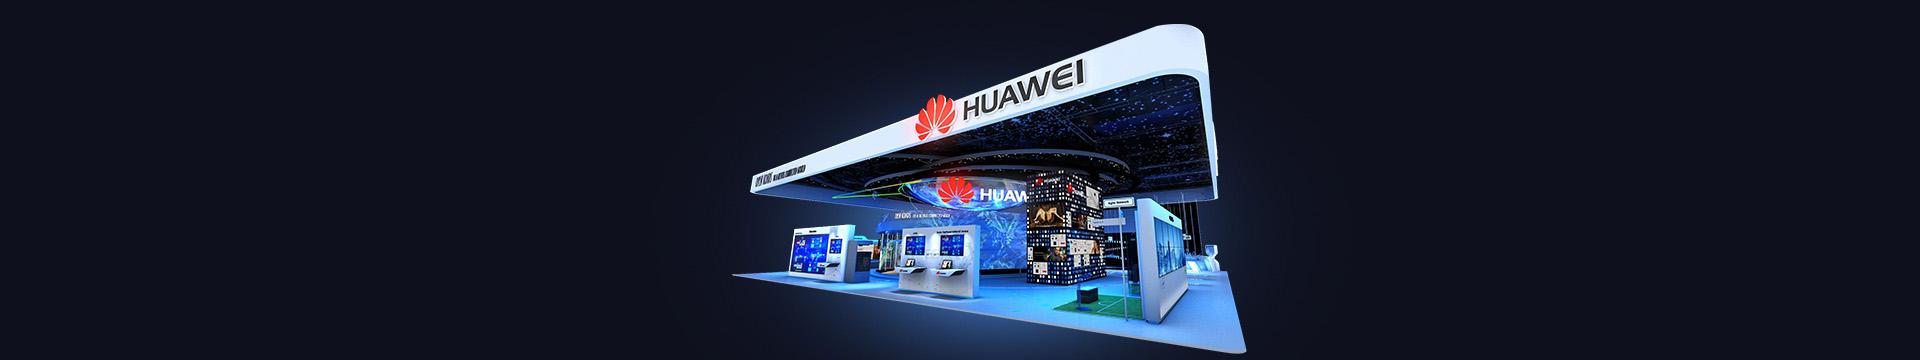 华为电子科技展览展示展台效果图案例